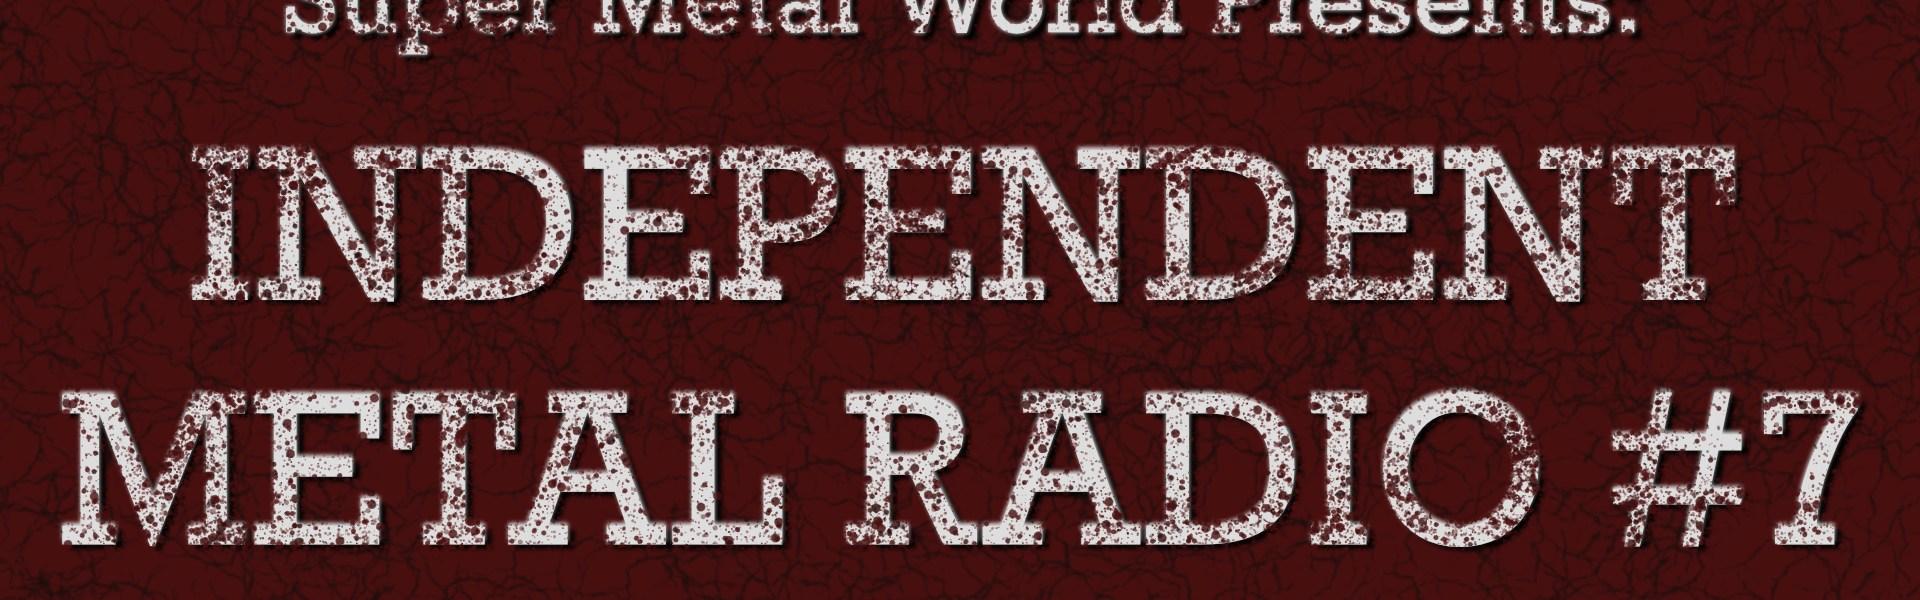 Super Metal World presents independent metal radio 7